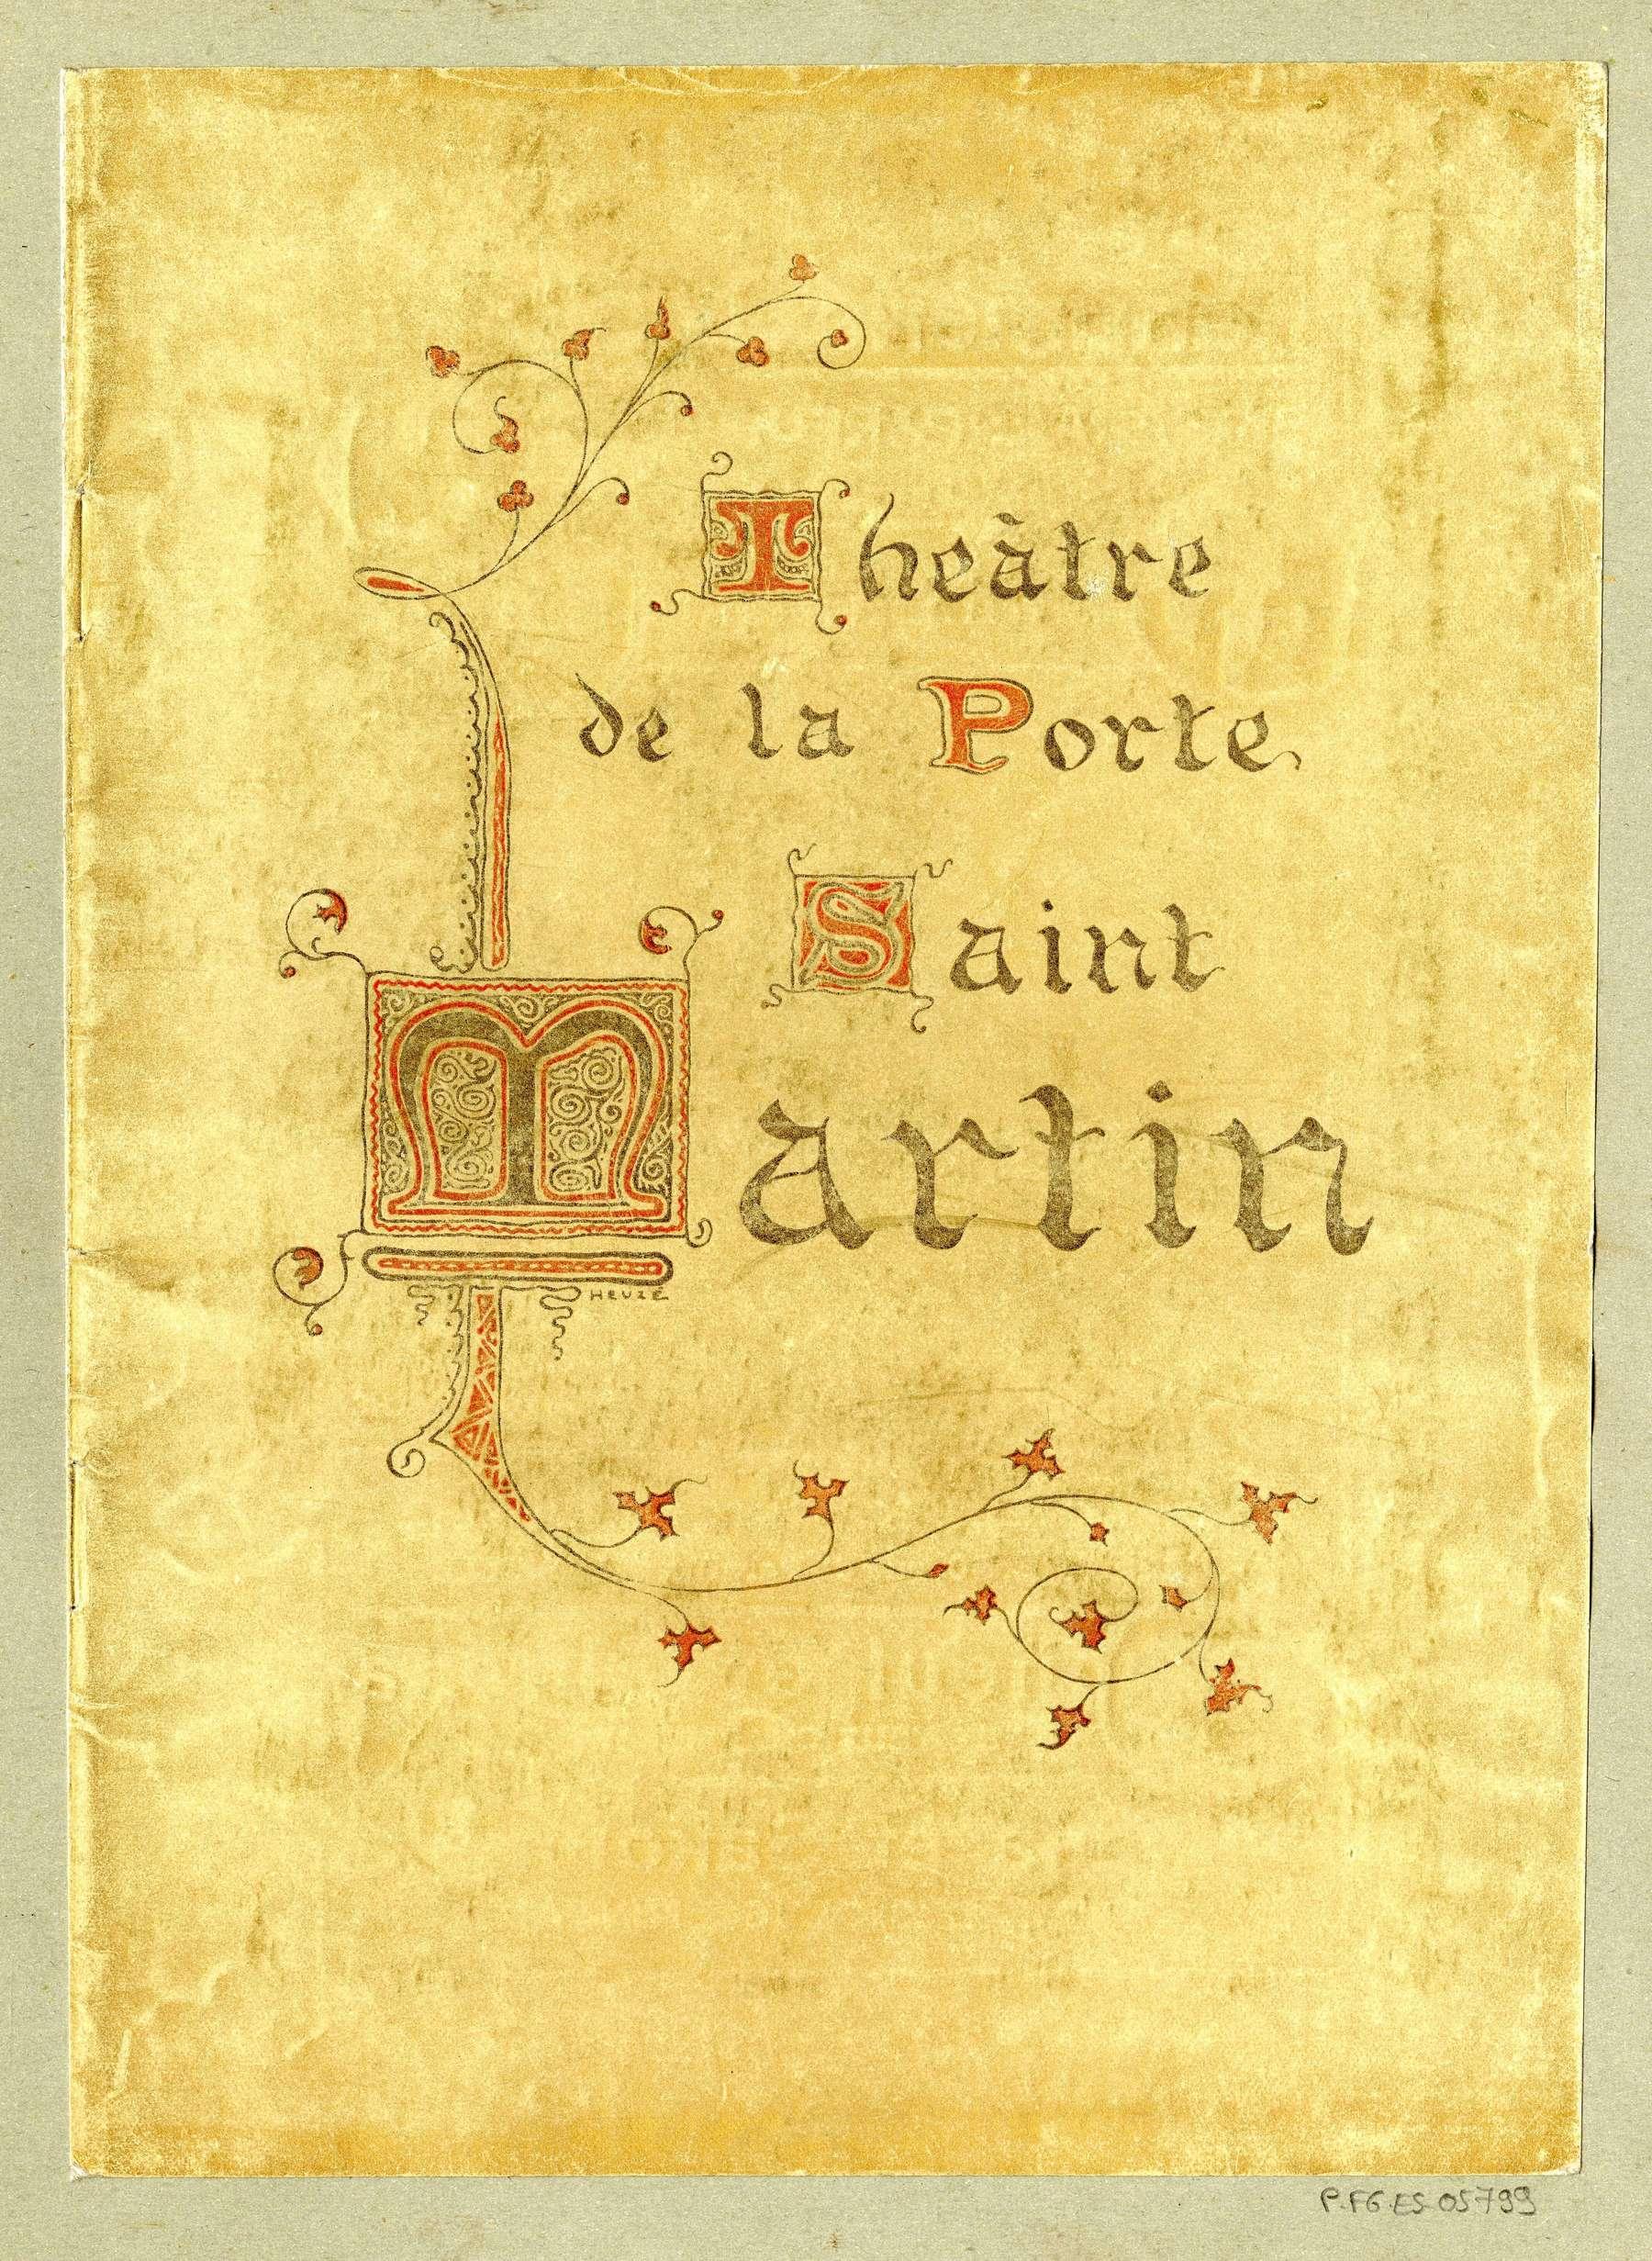 Contenu du Théâtre de la porte Saint Martin